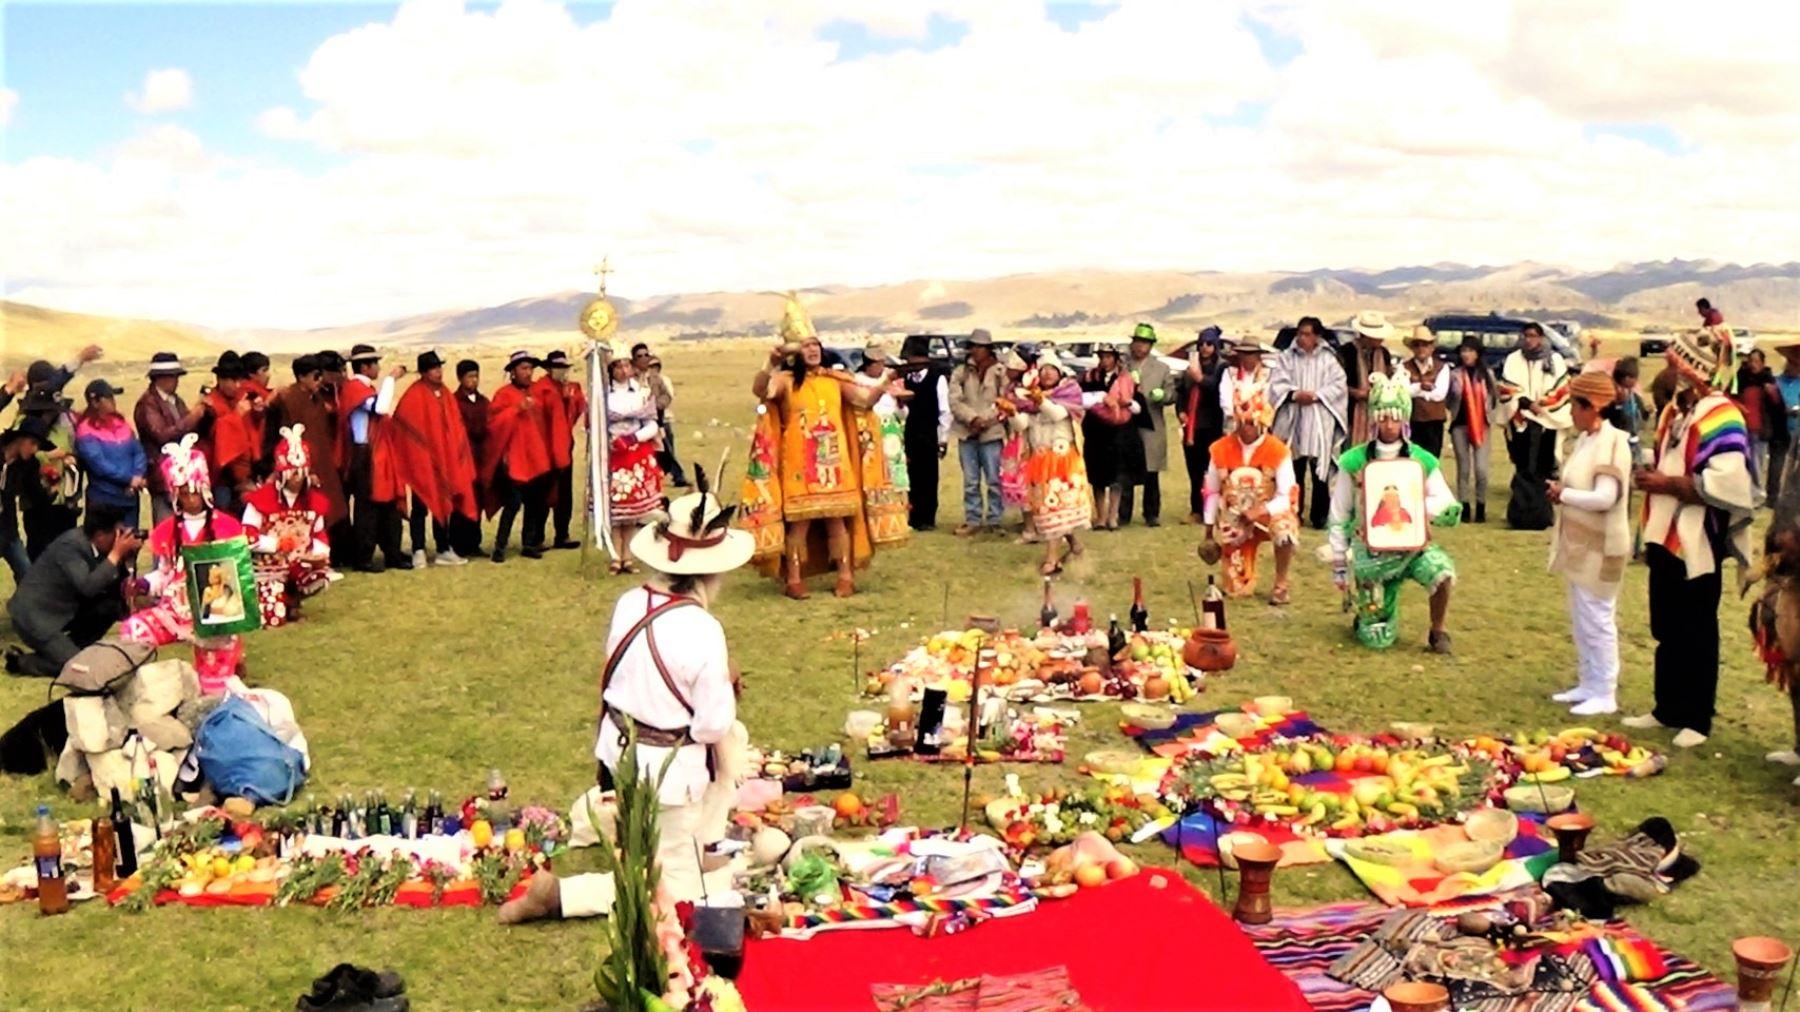 El Inca acompañado de su colla y sus seguidores subieron al Llaqta Pumpu para la rendir tributo al Sol en voces quechuas, ofreciendo en ofrenda el corazón de una llama que fue sacrificada.